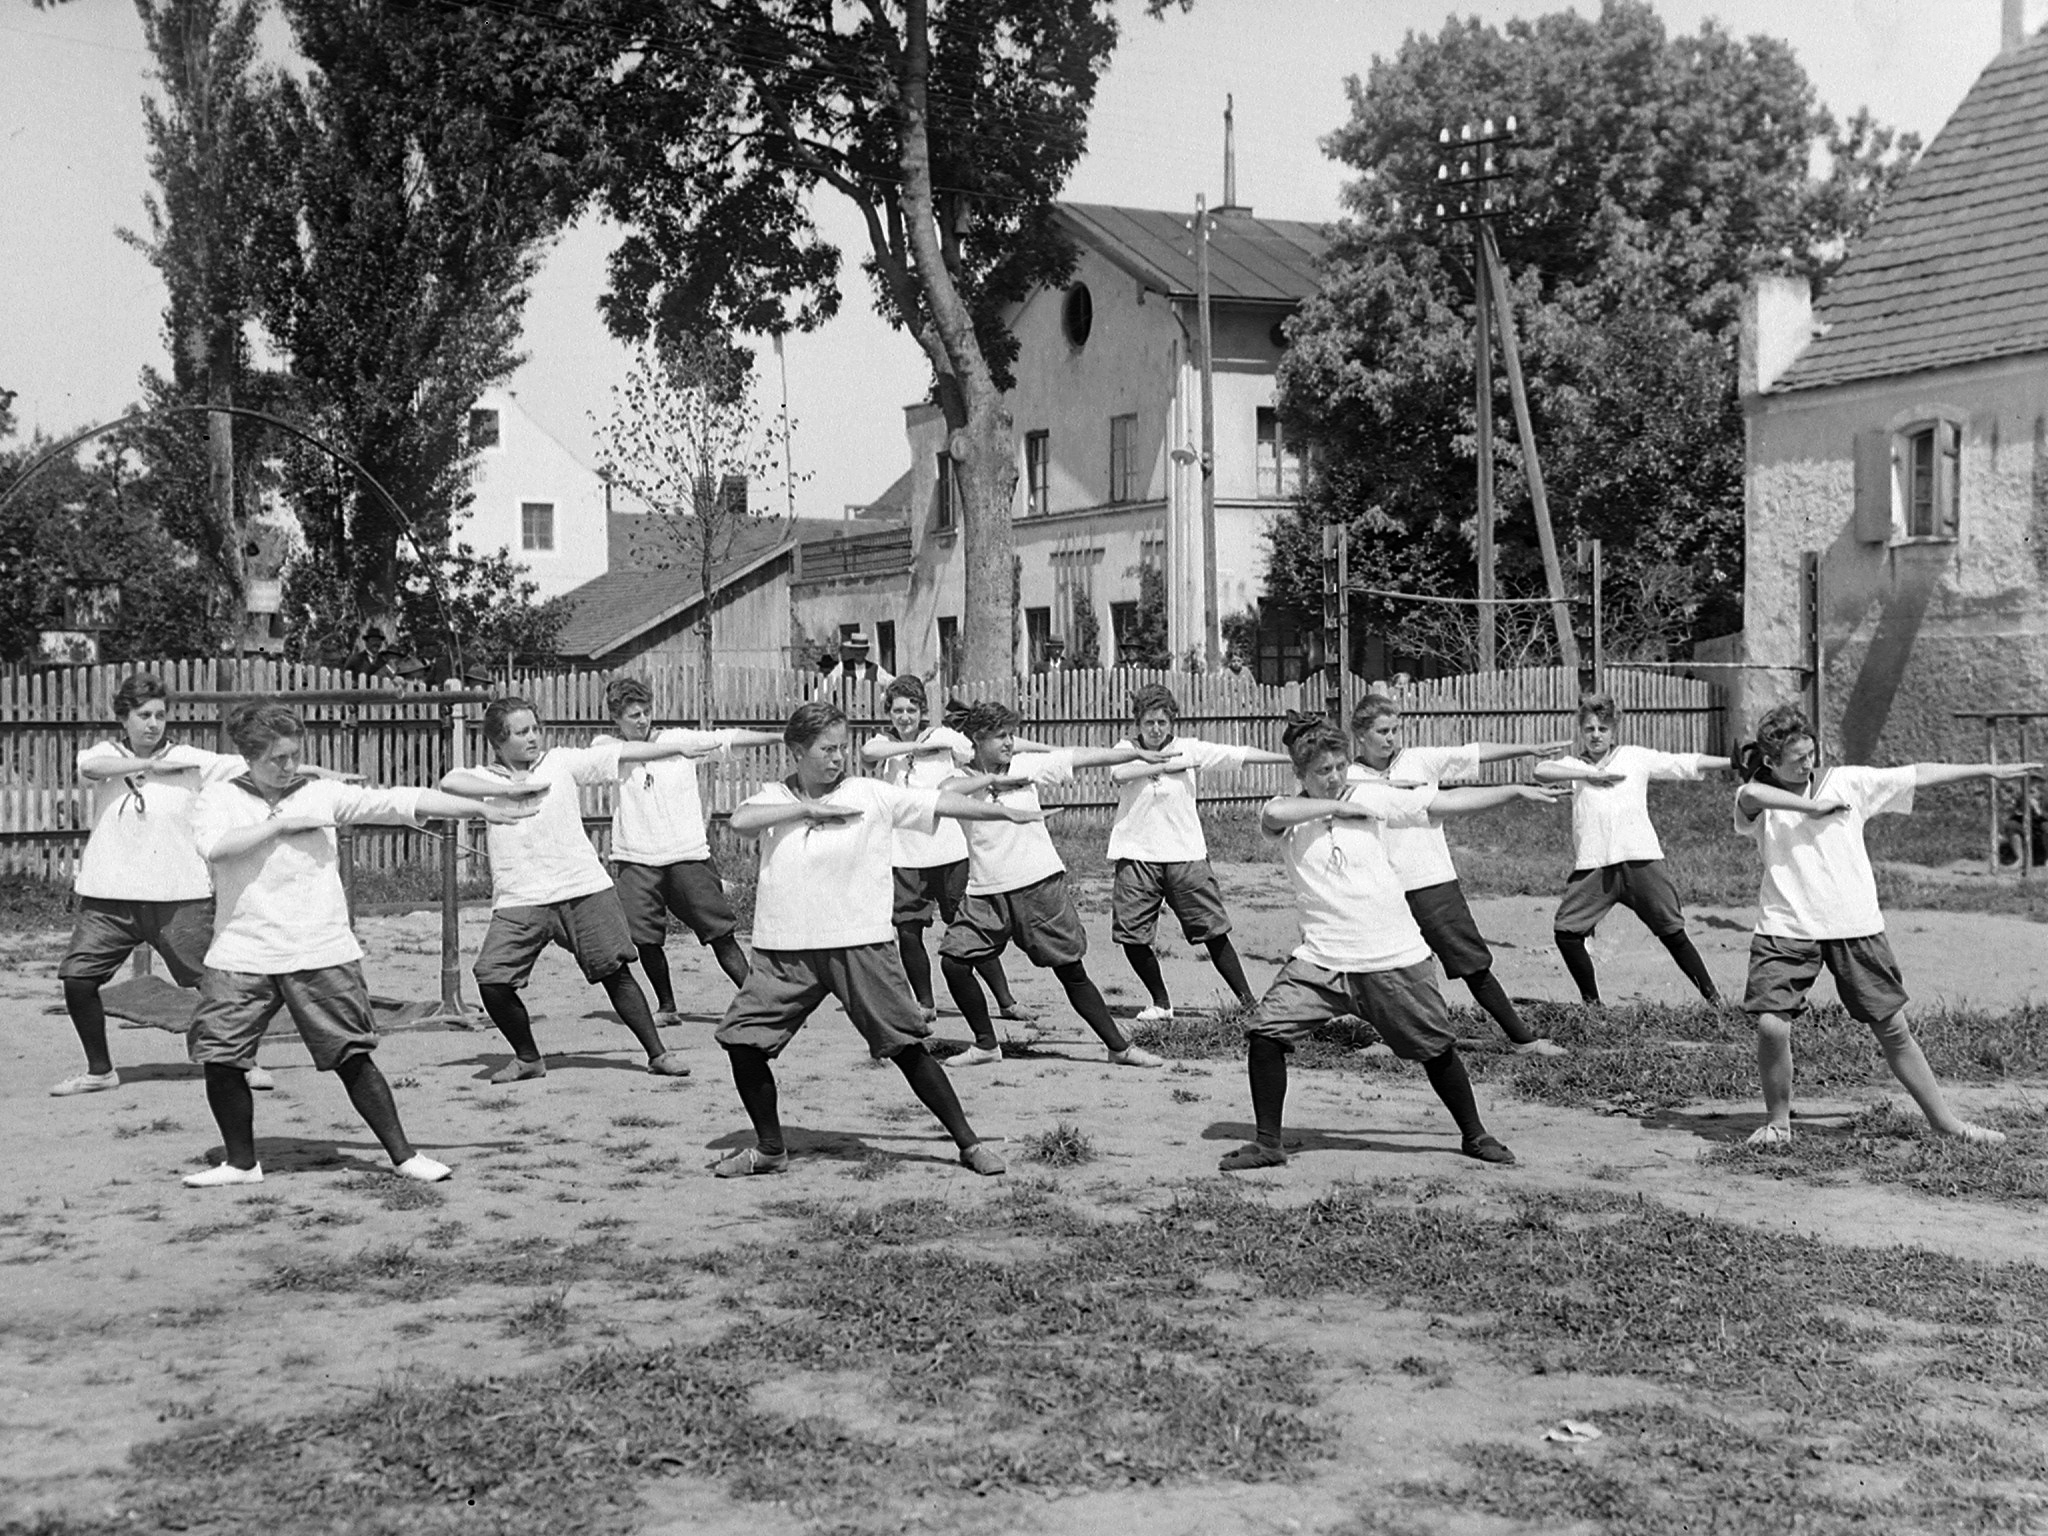 Frauensportgruppe, ca. 1920